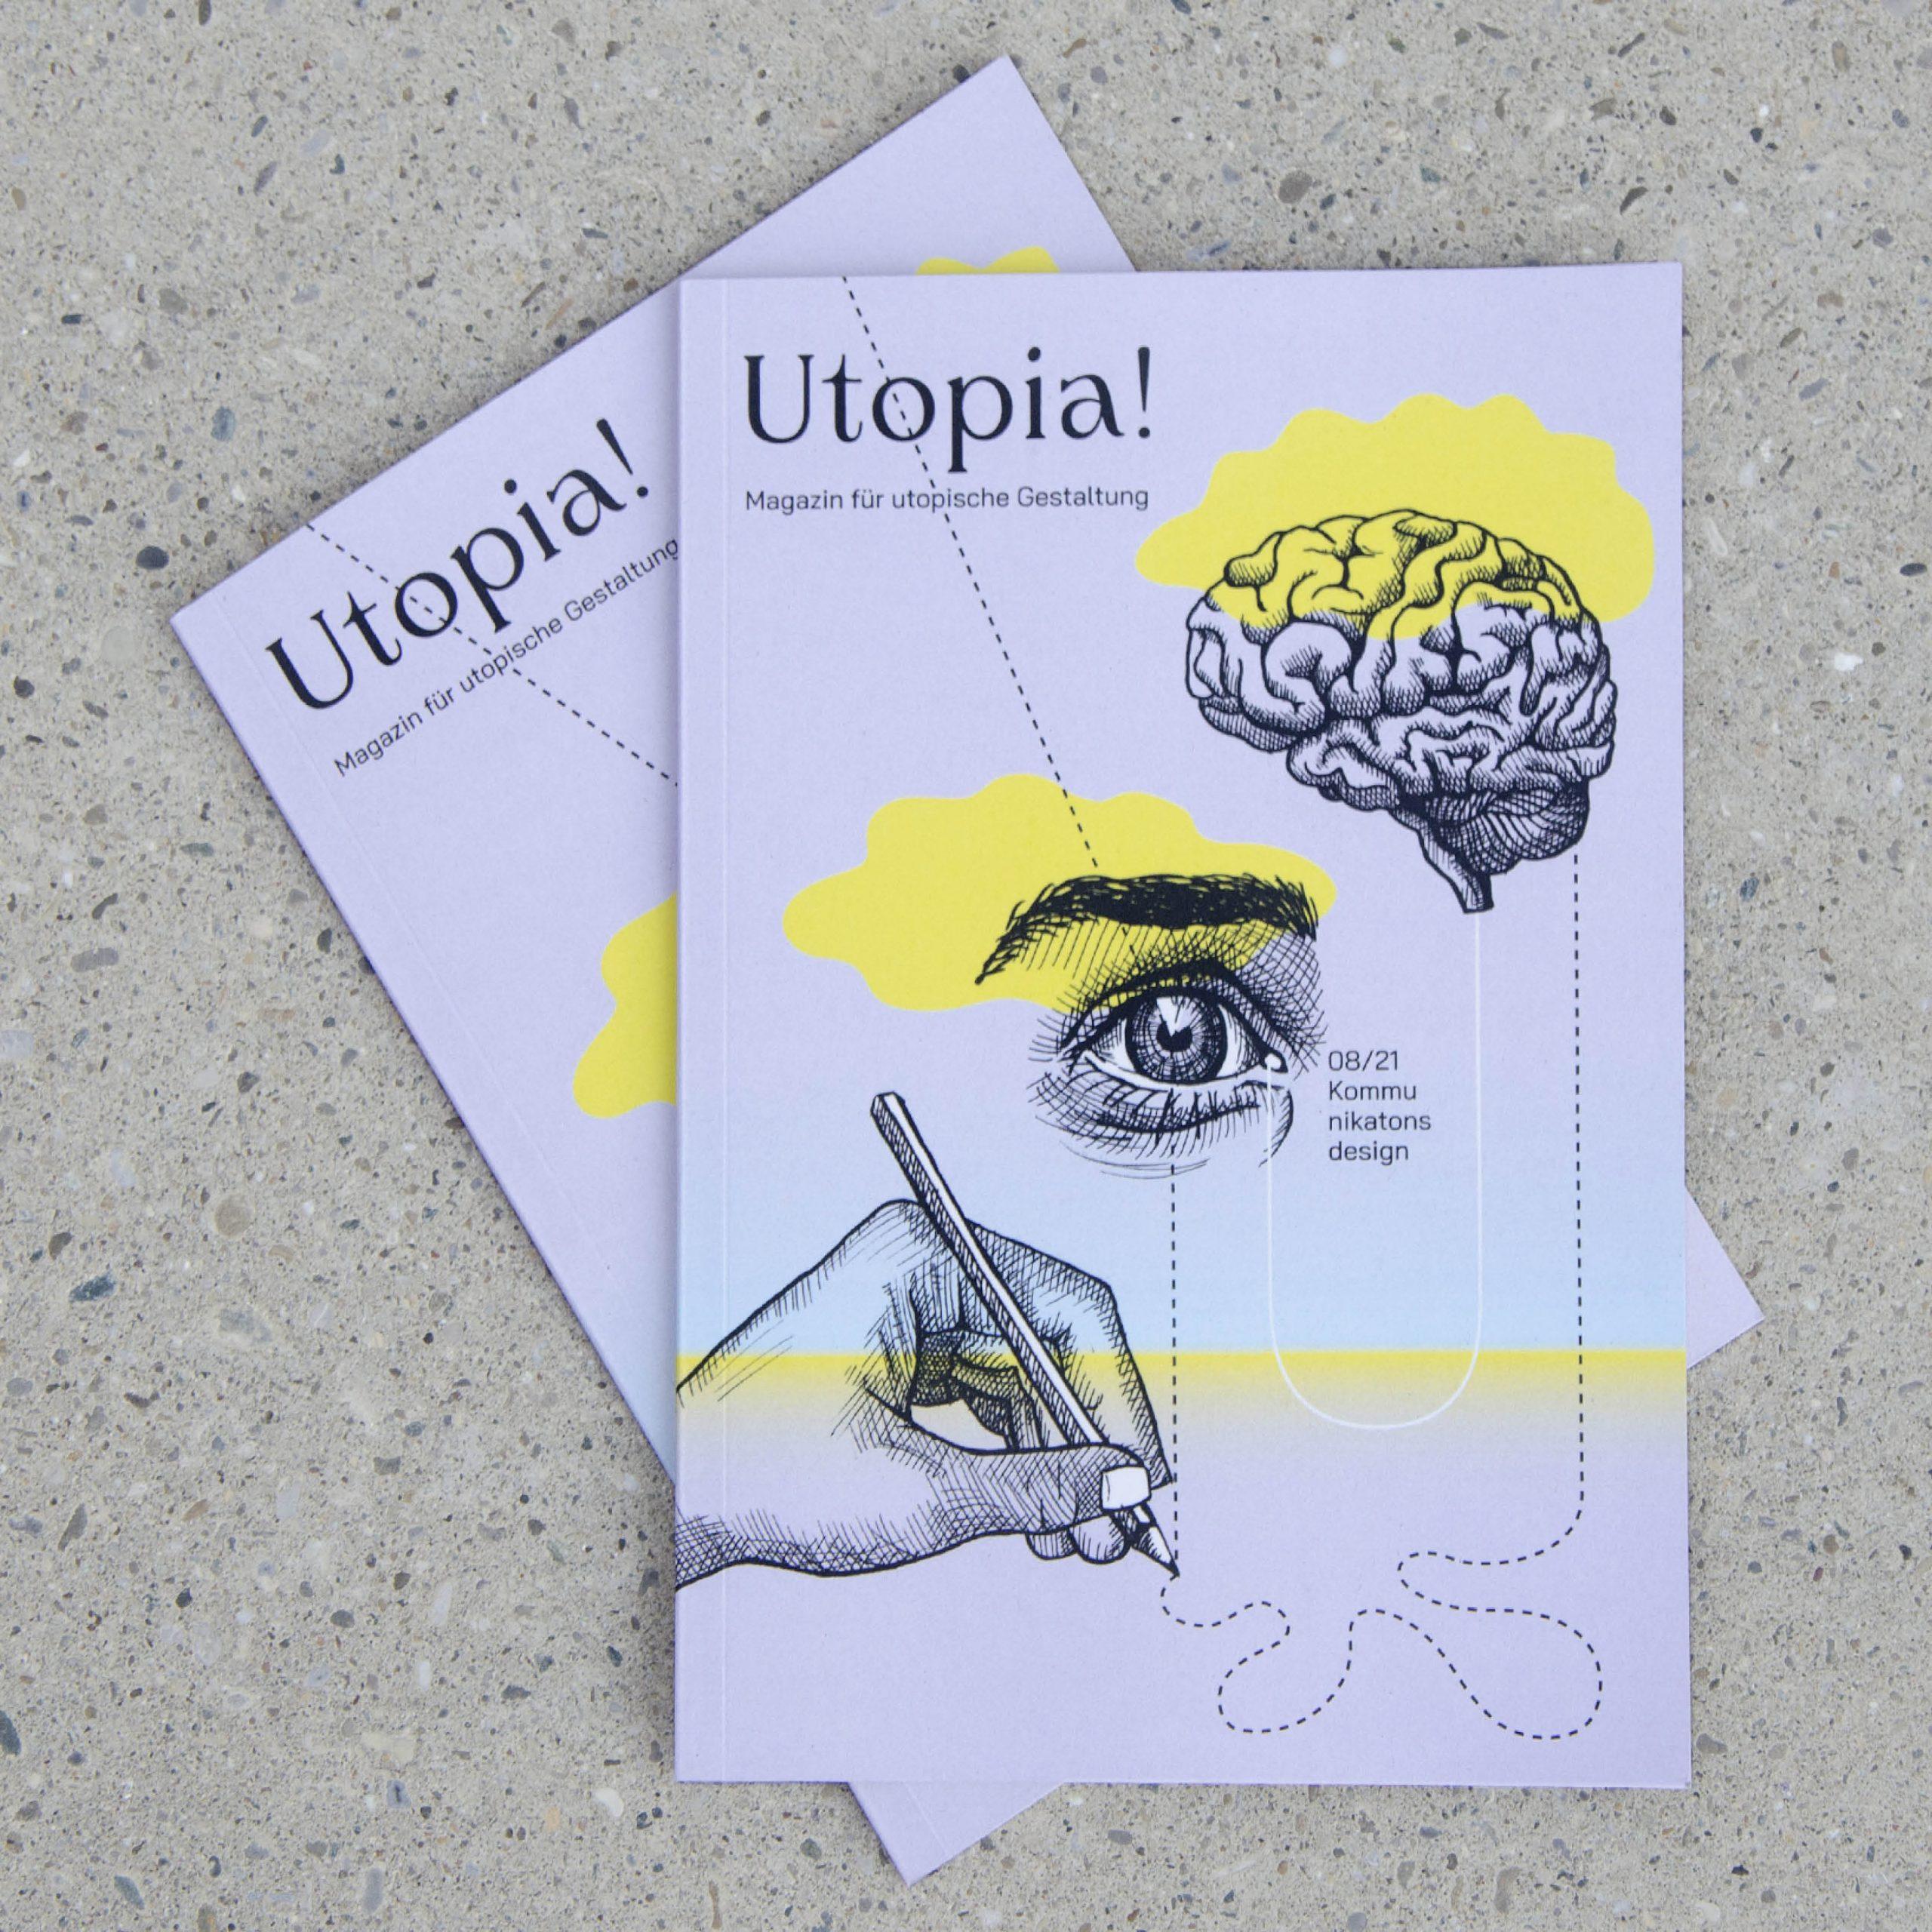 Utopia! – Magazin für utopische Gestaltung